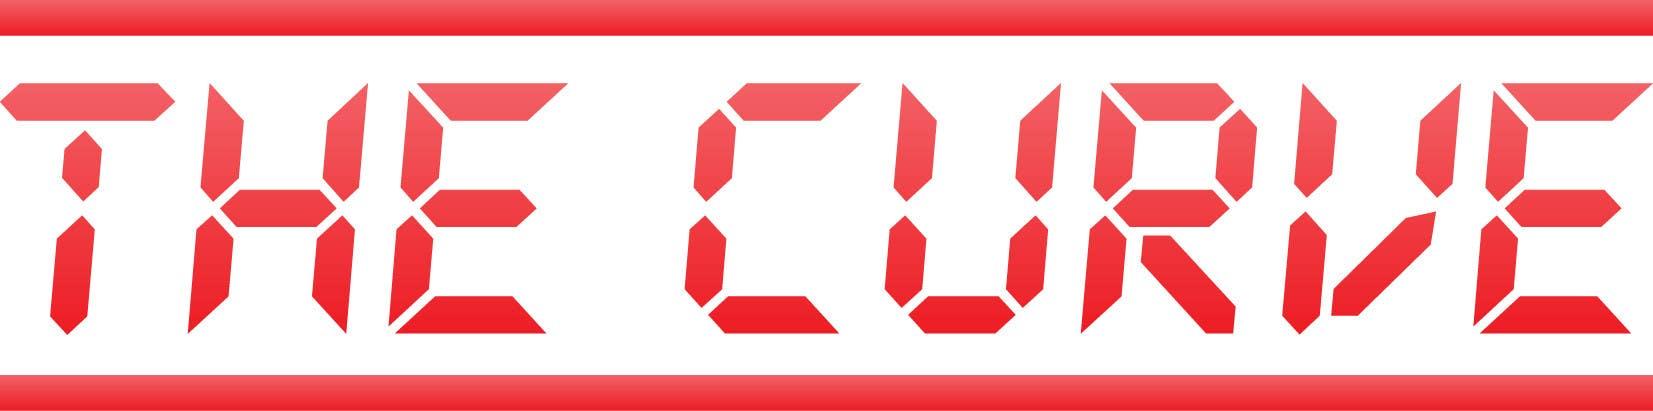 Inscrição nº 88 do Concurso para design a logo and plain background image for a new website